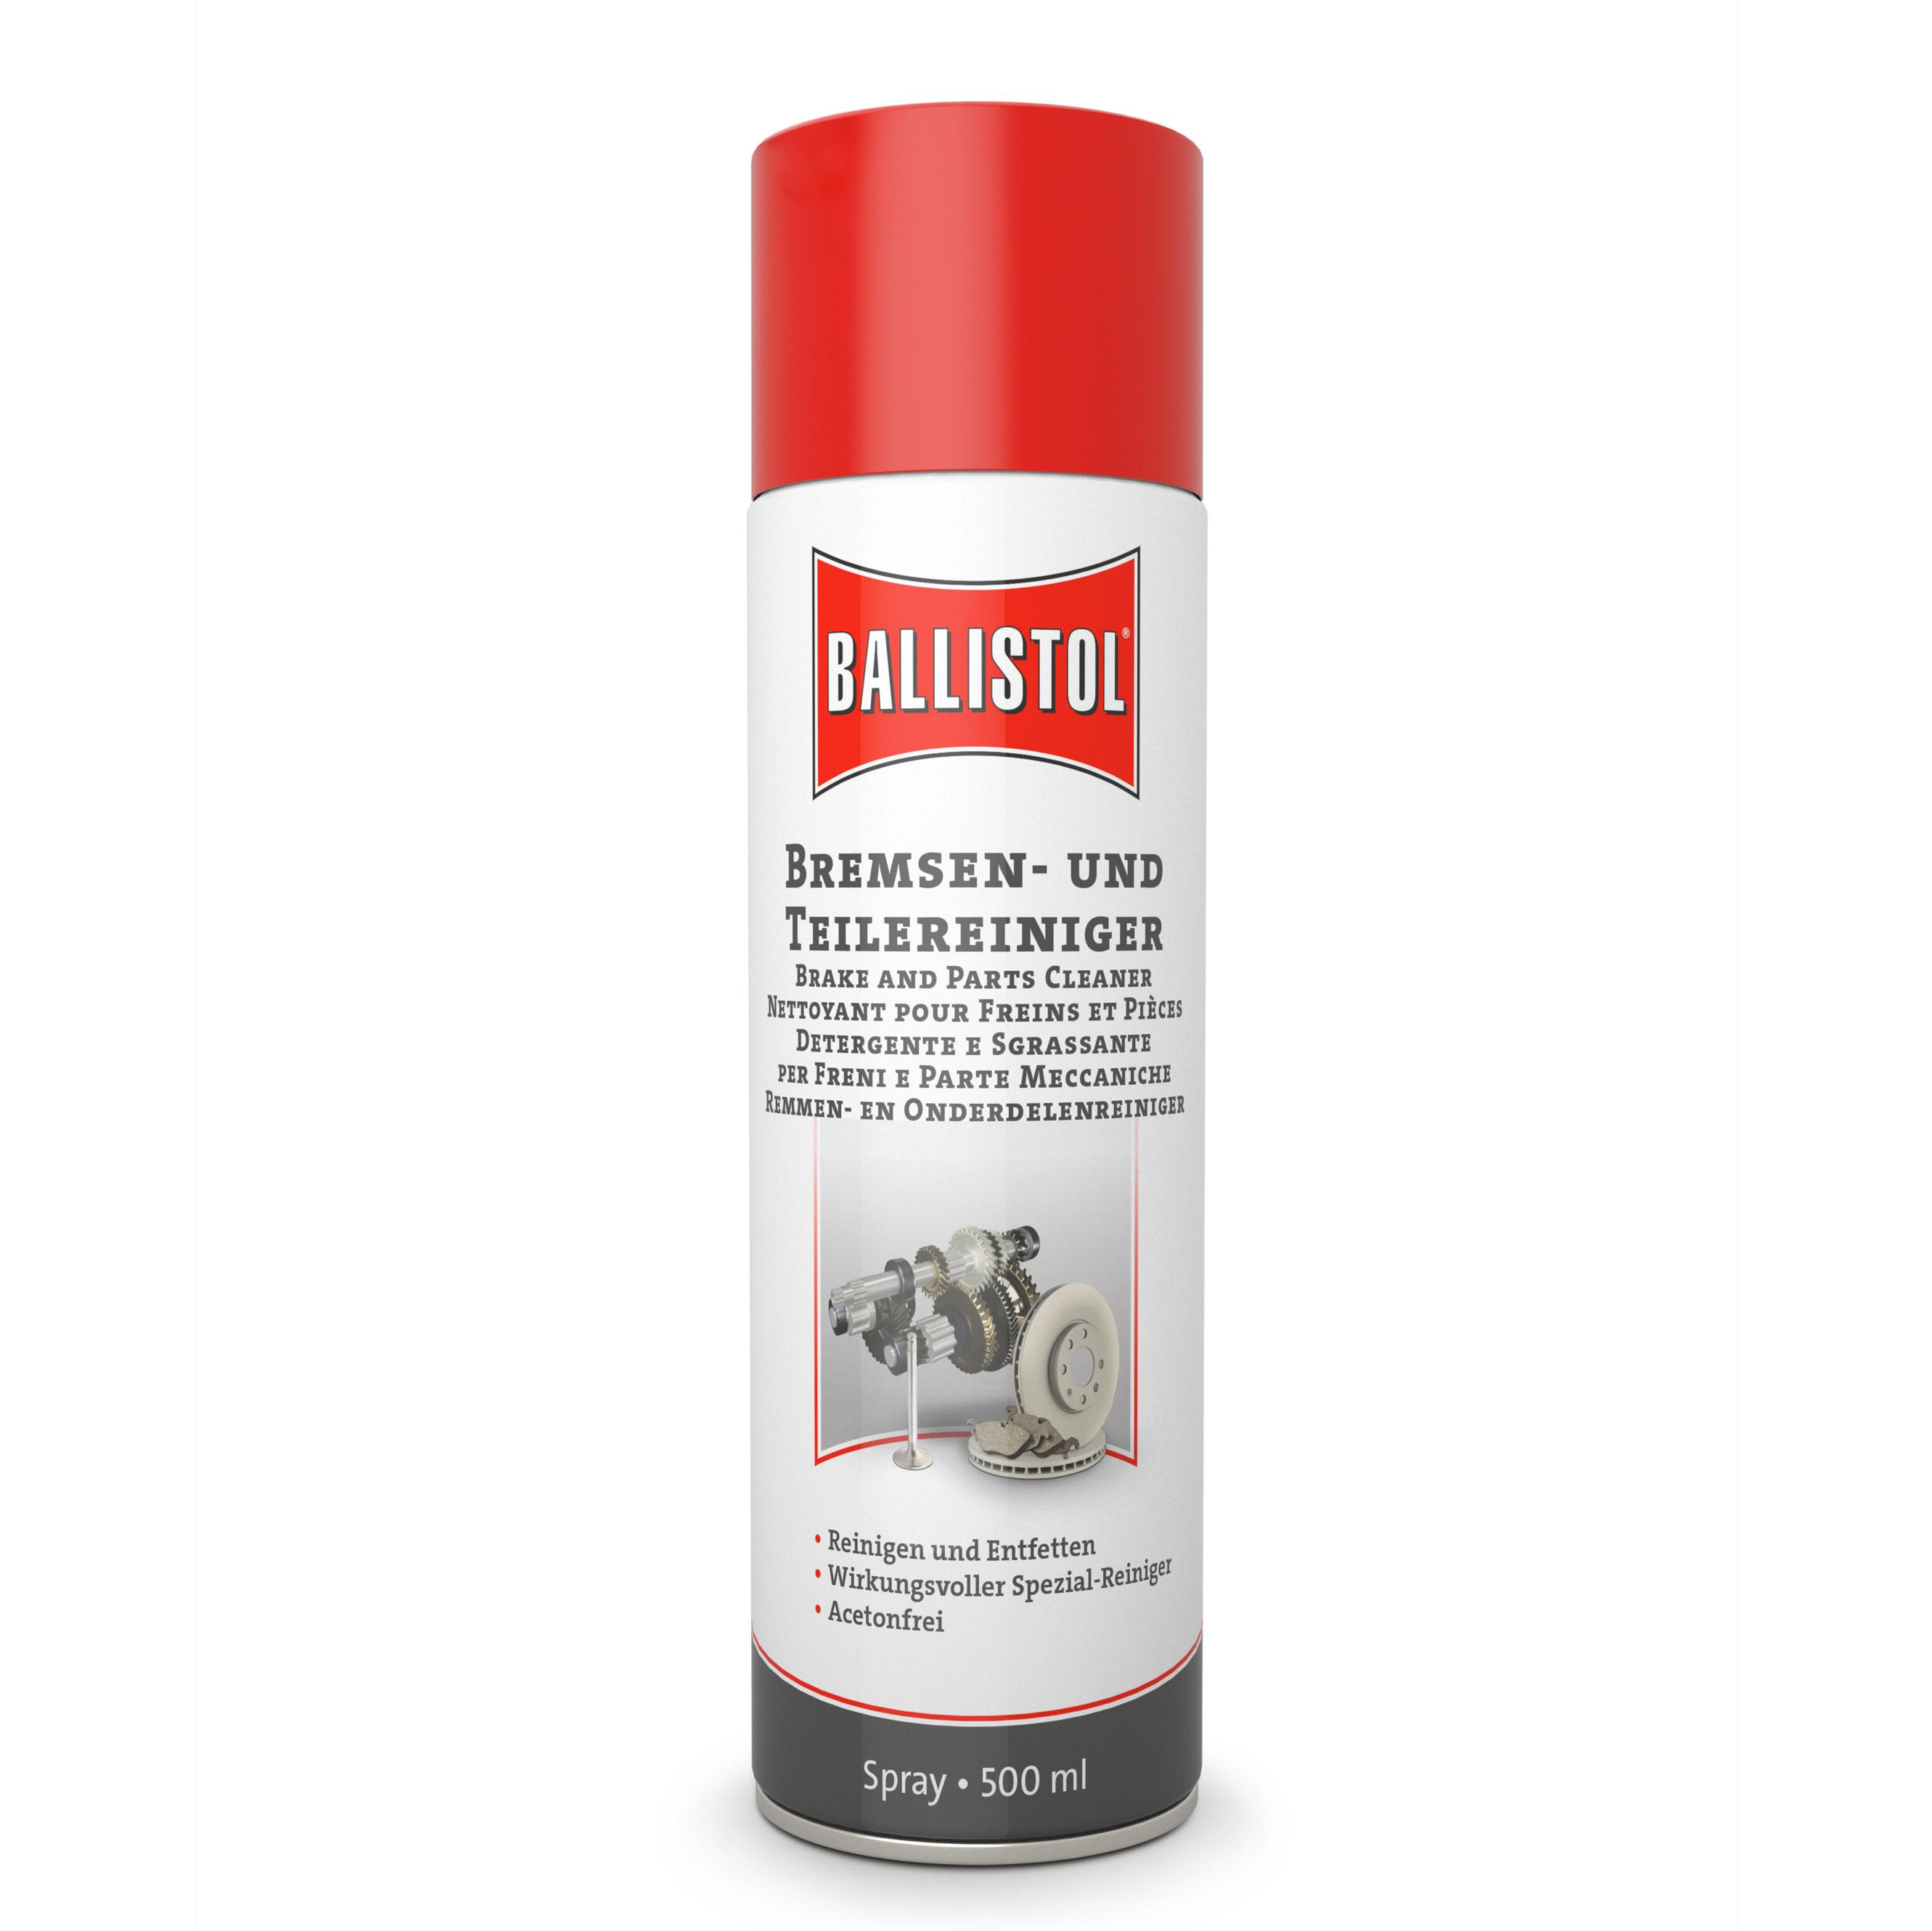 BALLISTOL rem- en onderdelenreiniger, 500 ml - verwijdert olie, vet, lijmresten en nog veel meer